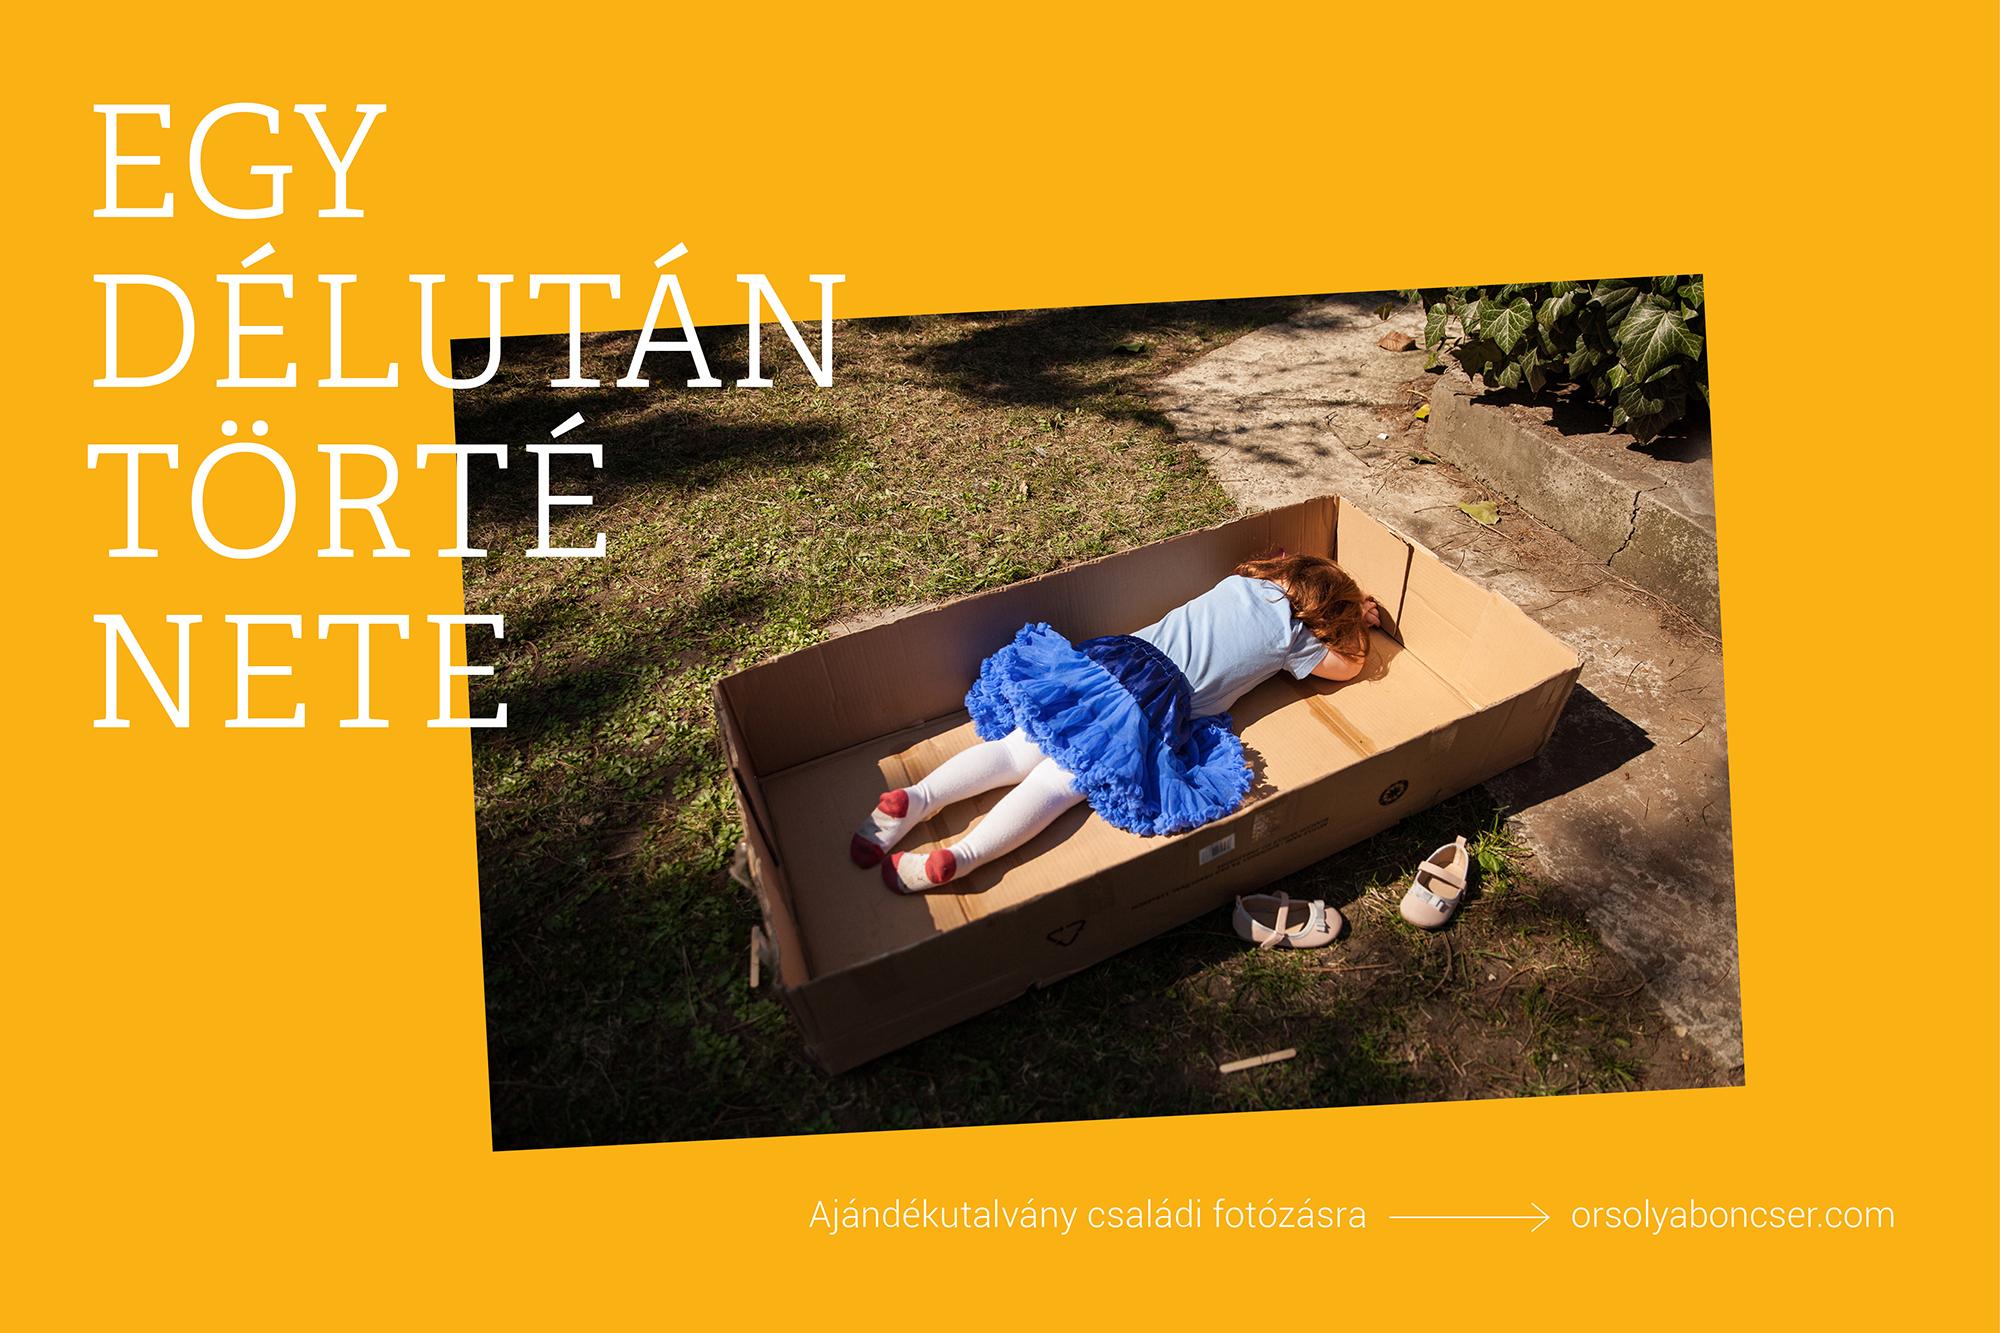 történetmesélő dokumentaritsa családfotózás ajándék karácsony utalvány gyerekfotózás